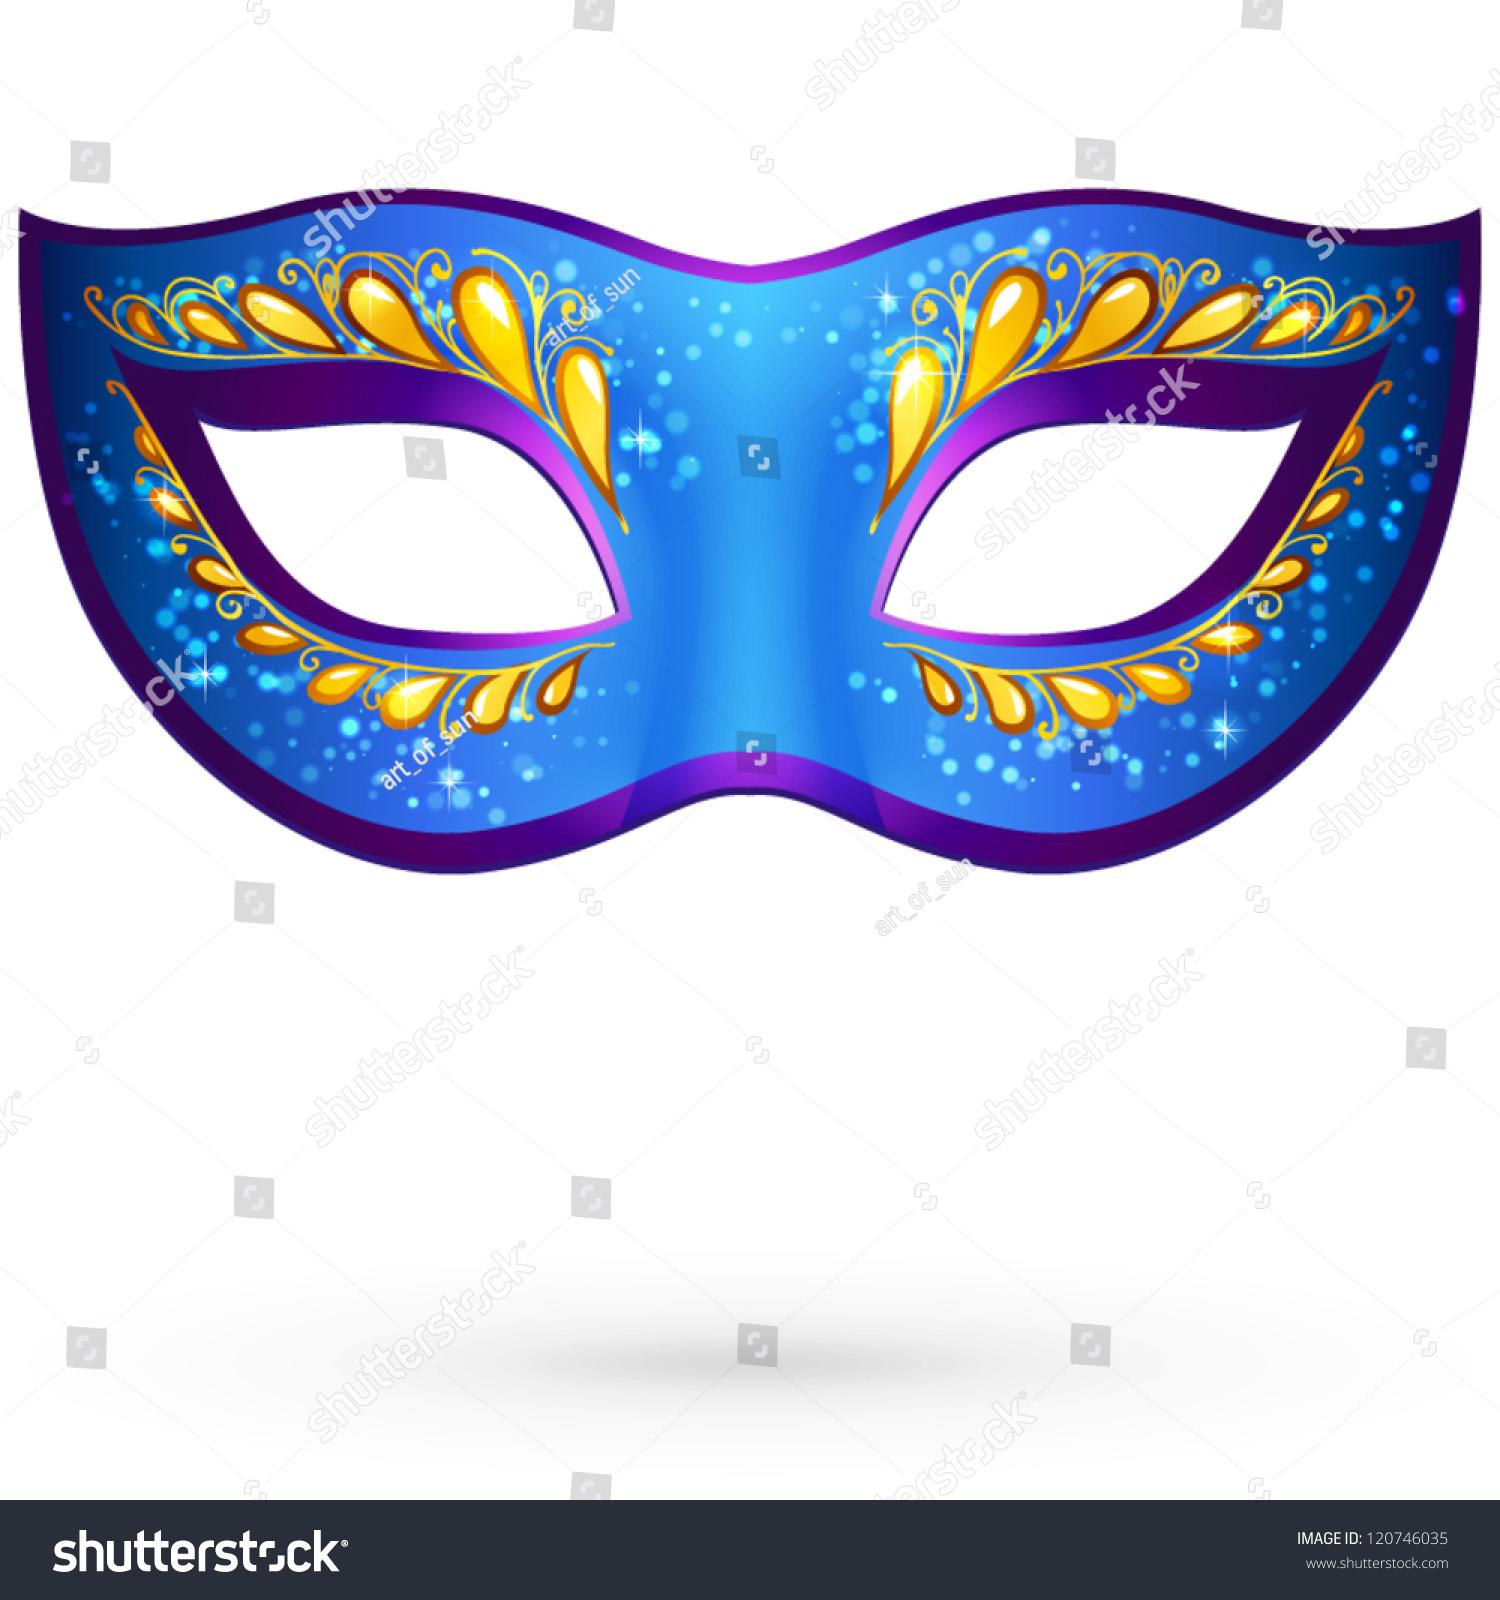 Vector illustration of carnival mask logo vector - Spostamento cavi telecom dalla facciata di casa ...